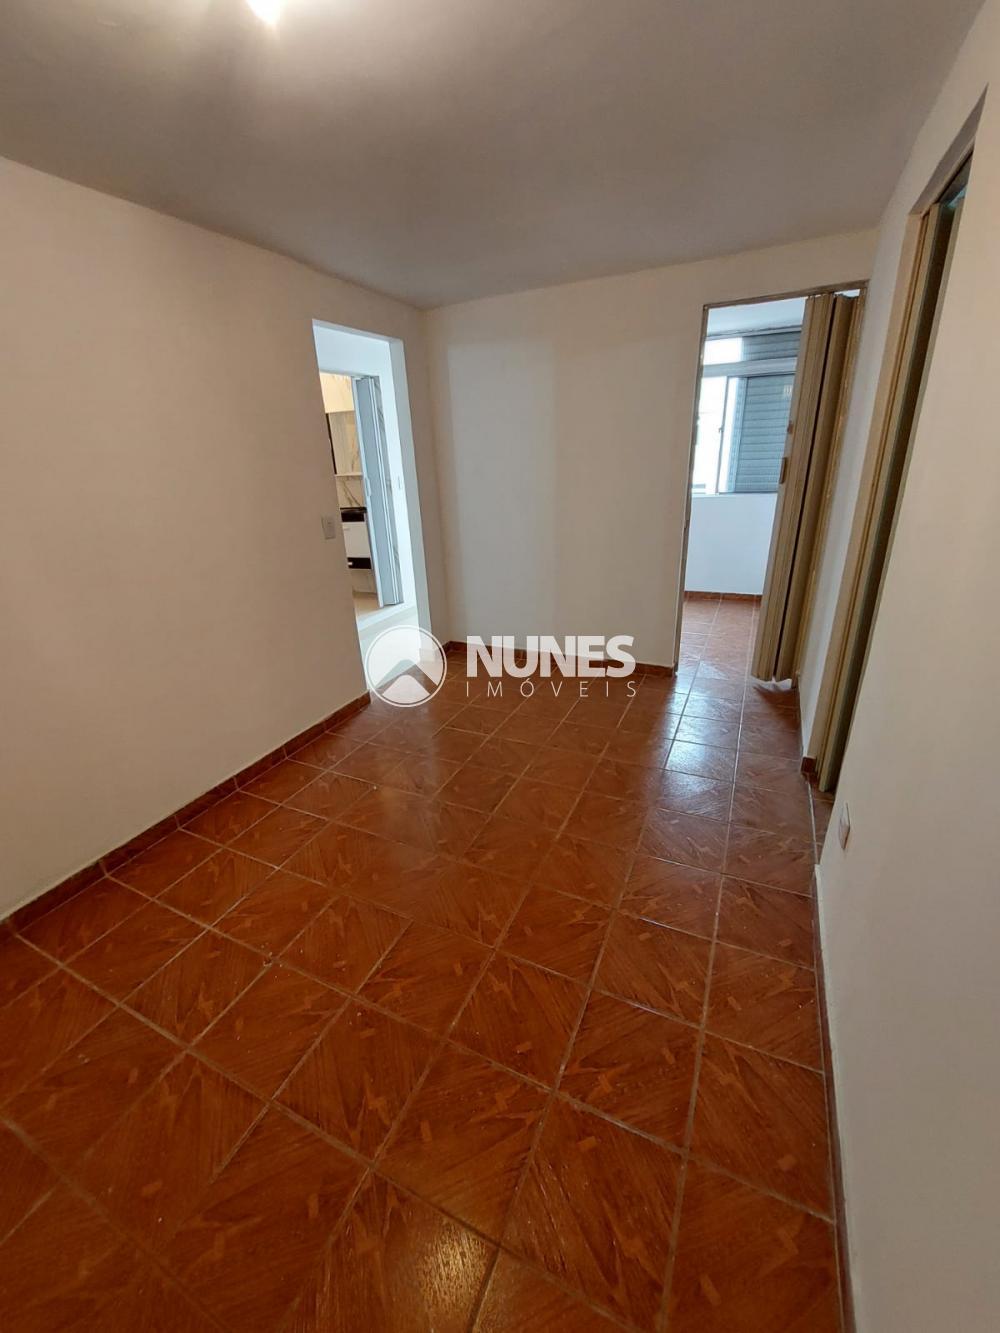 Comprar Apartamento / Padrão em Carapicuíba R$ 135.000,00 - Foto 1